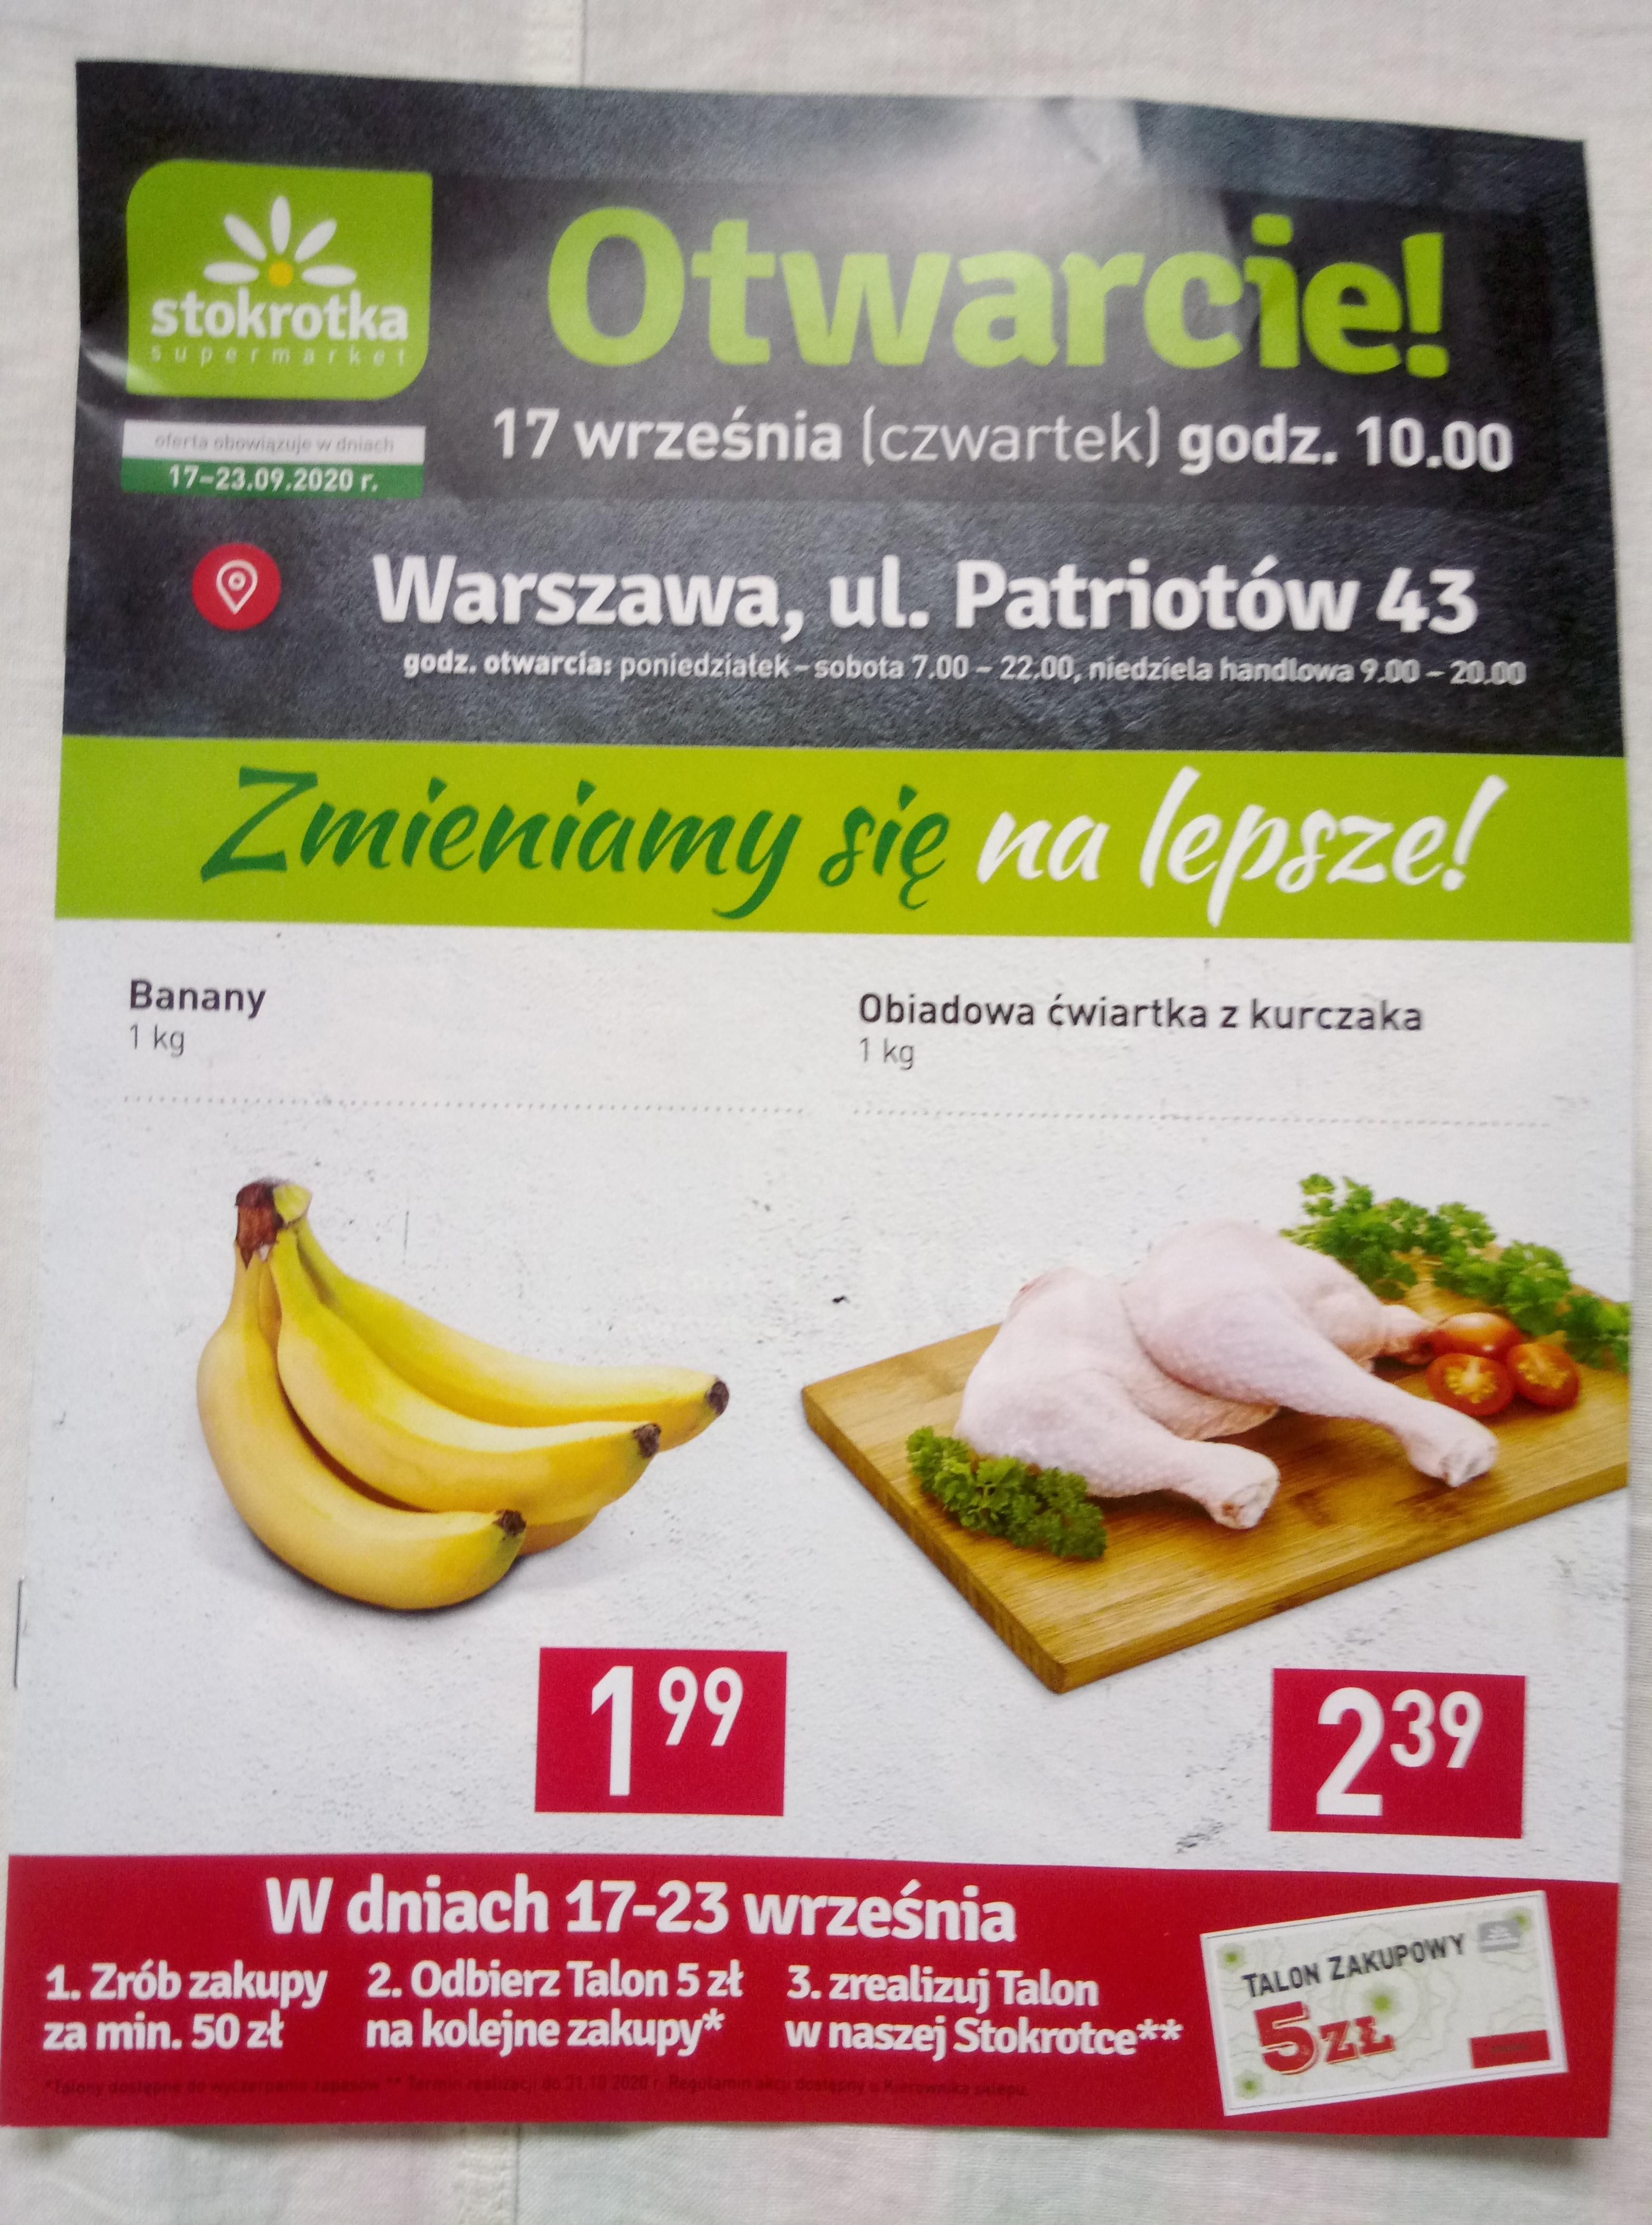 Stokrotka otwarcie patriotów 43 wwa banany